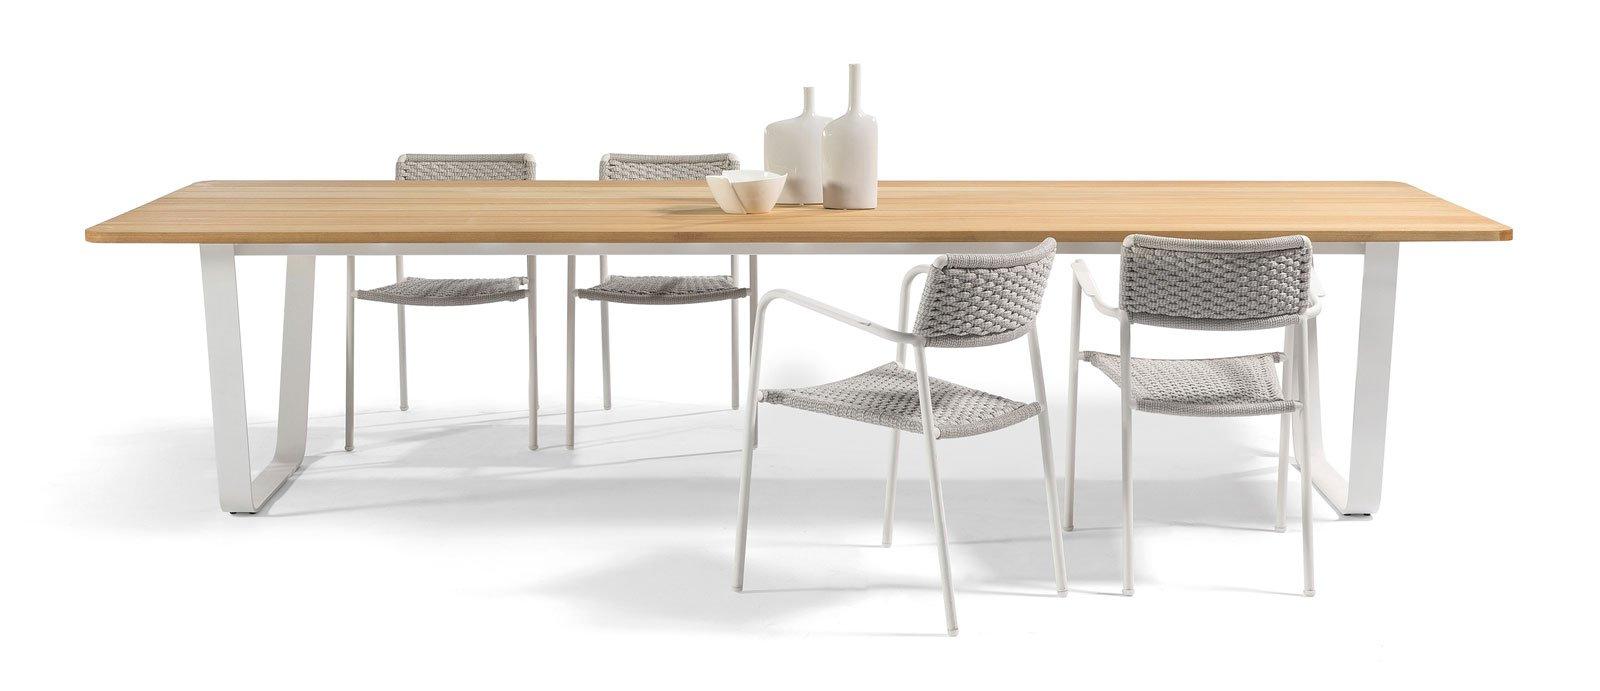 Ai saloni 2015 le proposte d 39 arredo per esterni cose di for Sedie legno e ferro